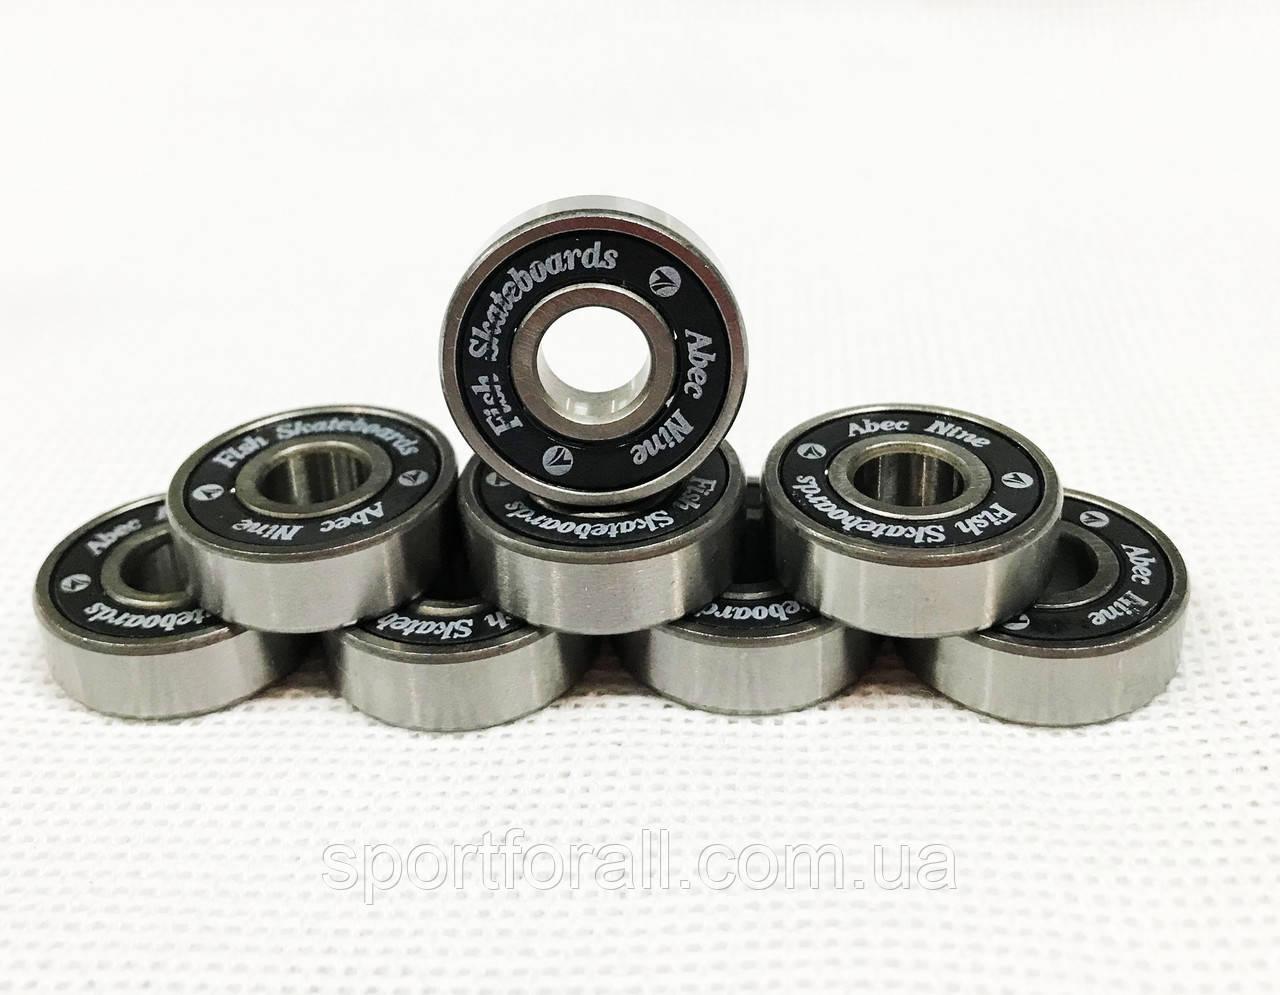 Подшипники для  для роликовых коньков,самокатов,скейтбордов  8шт.608-RS (ABEC-9)